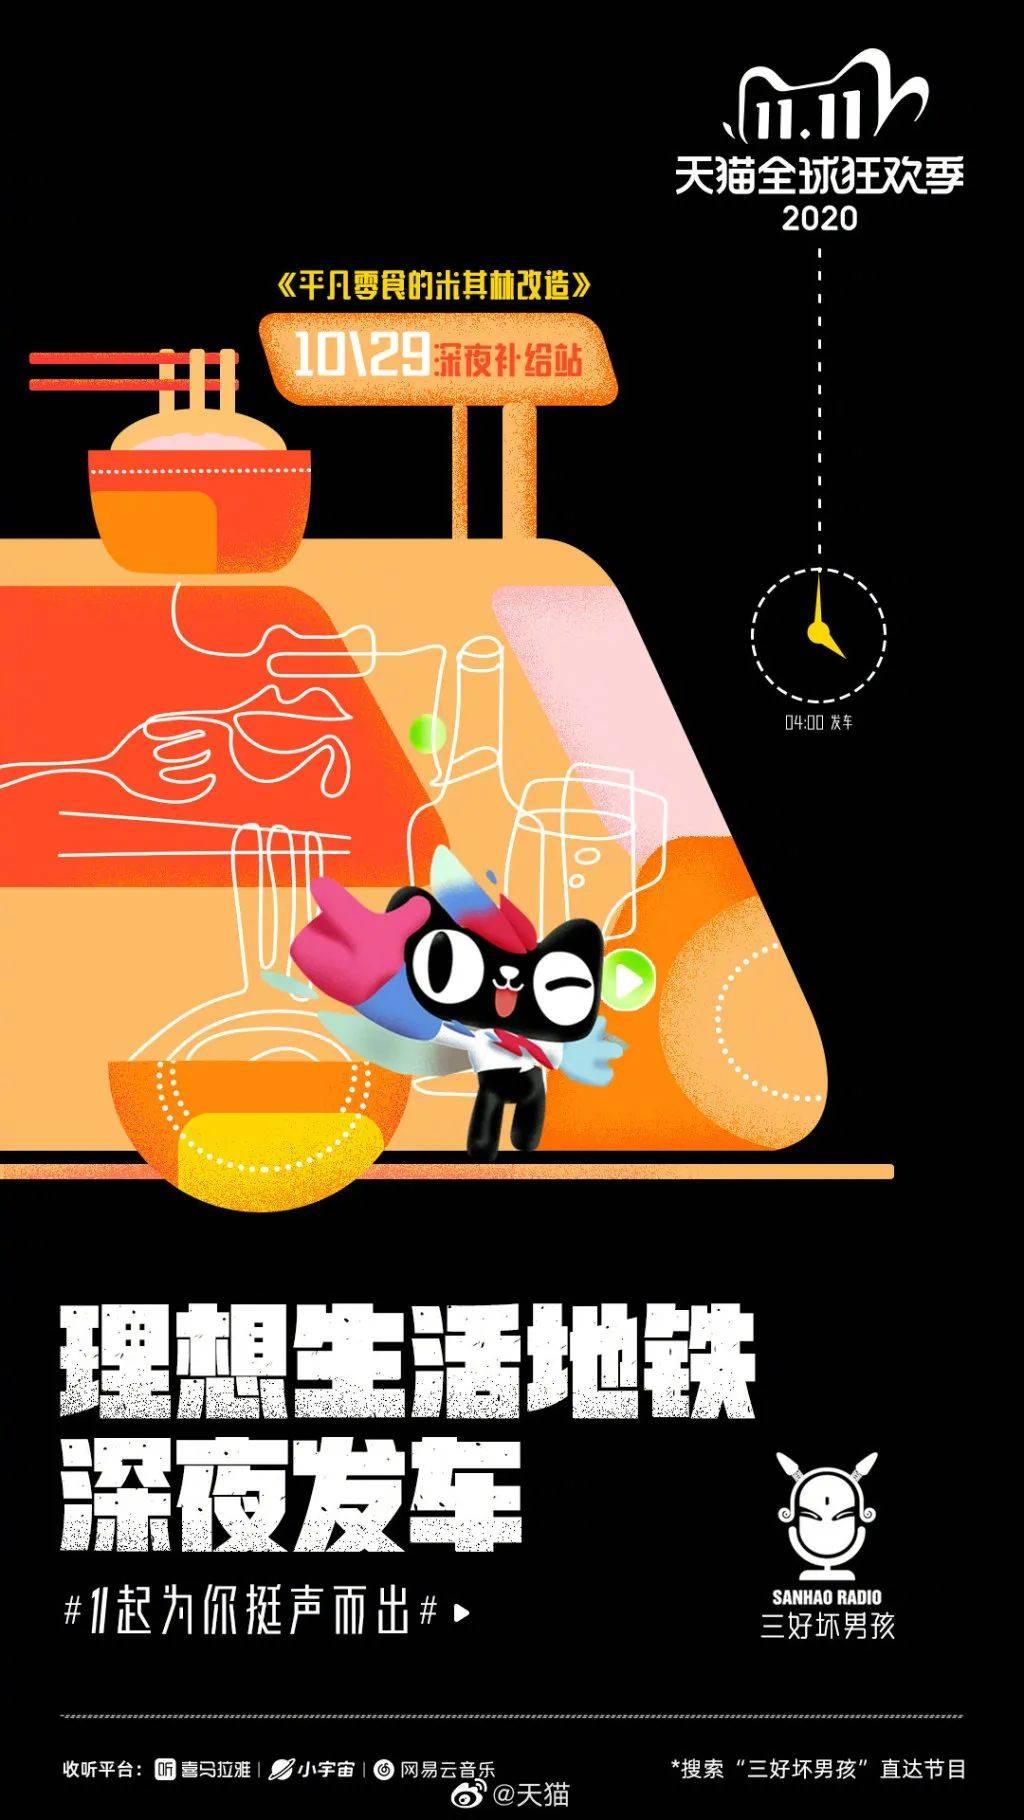 亚洲AV无码专区首页,广告创意,顶尖创意营销,广告文案,广告,创意